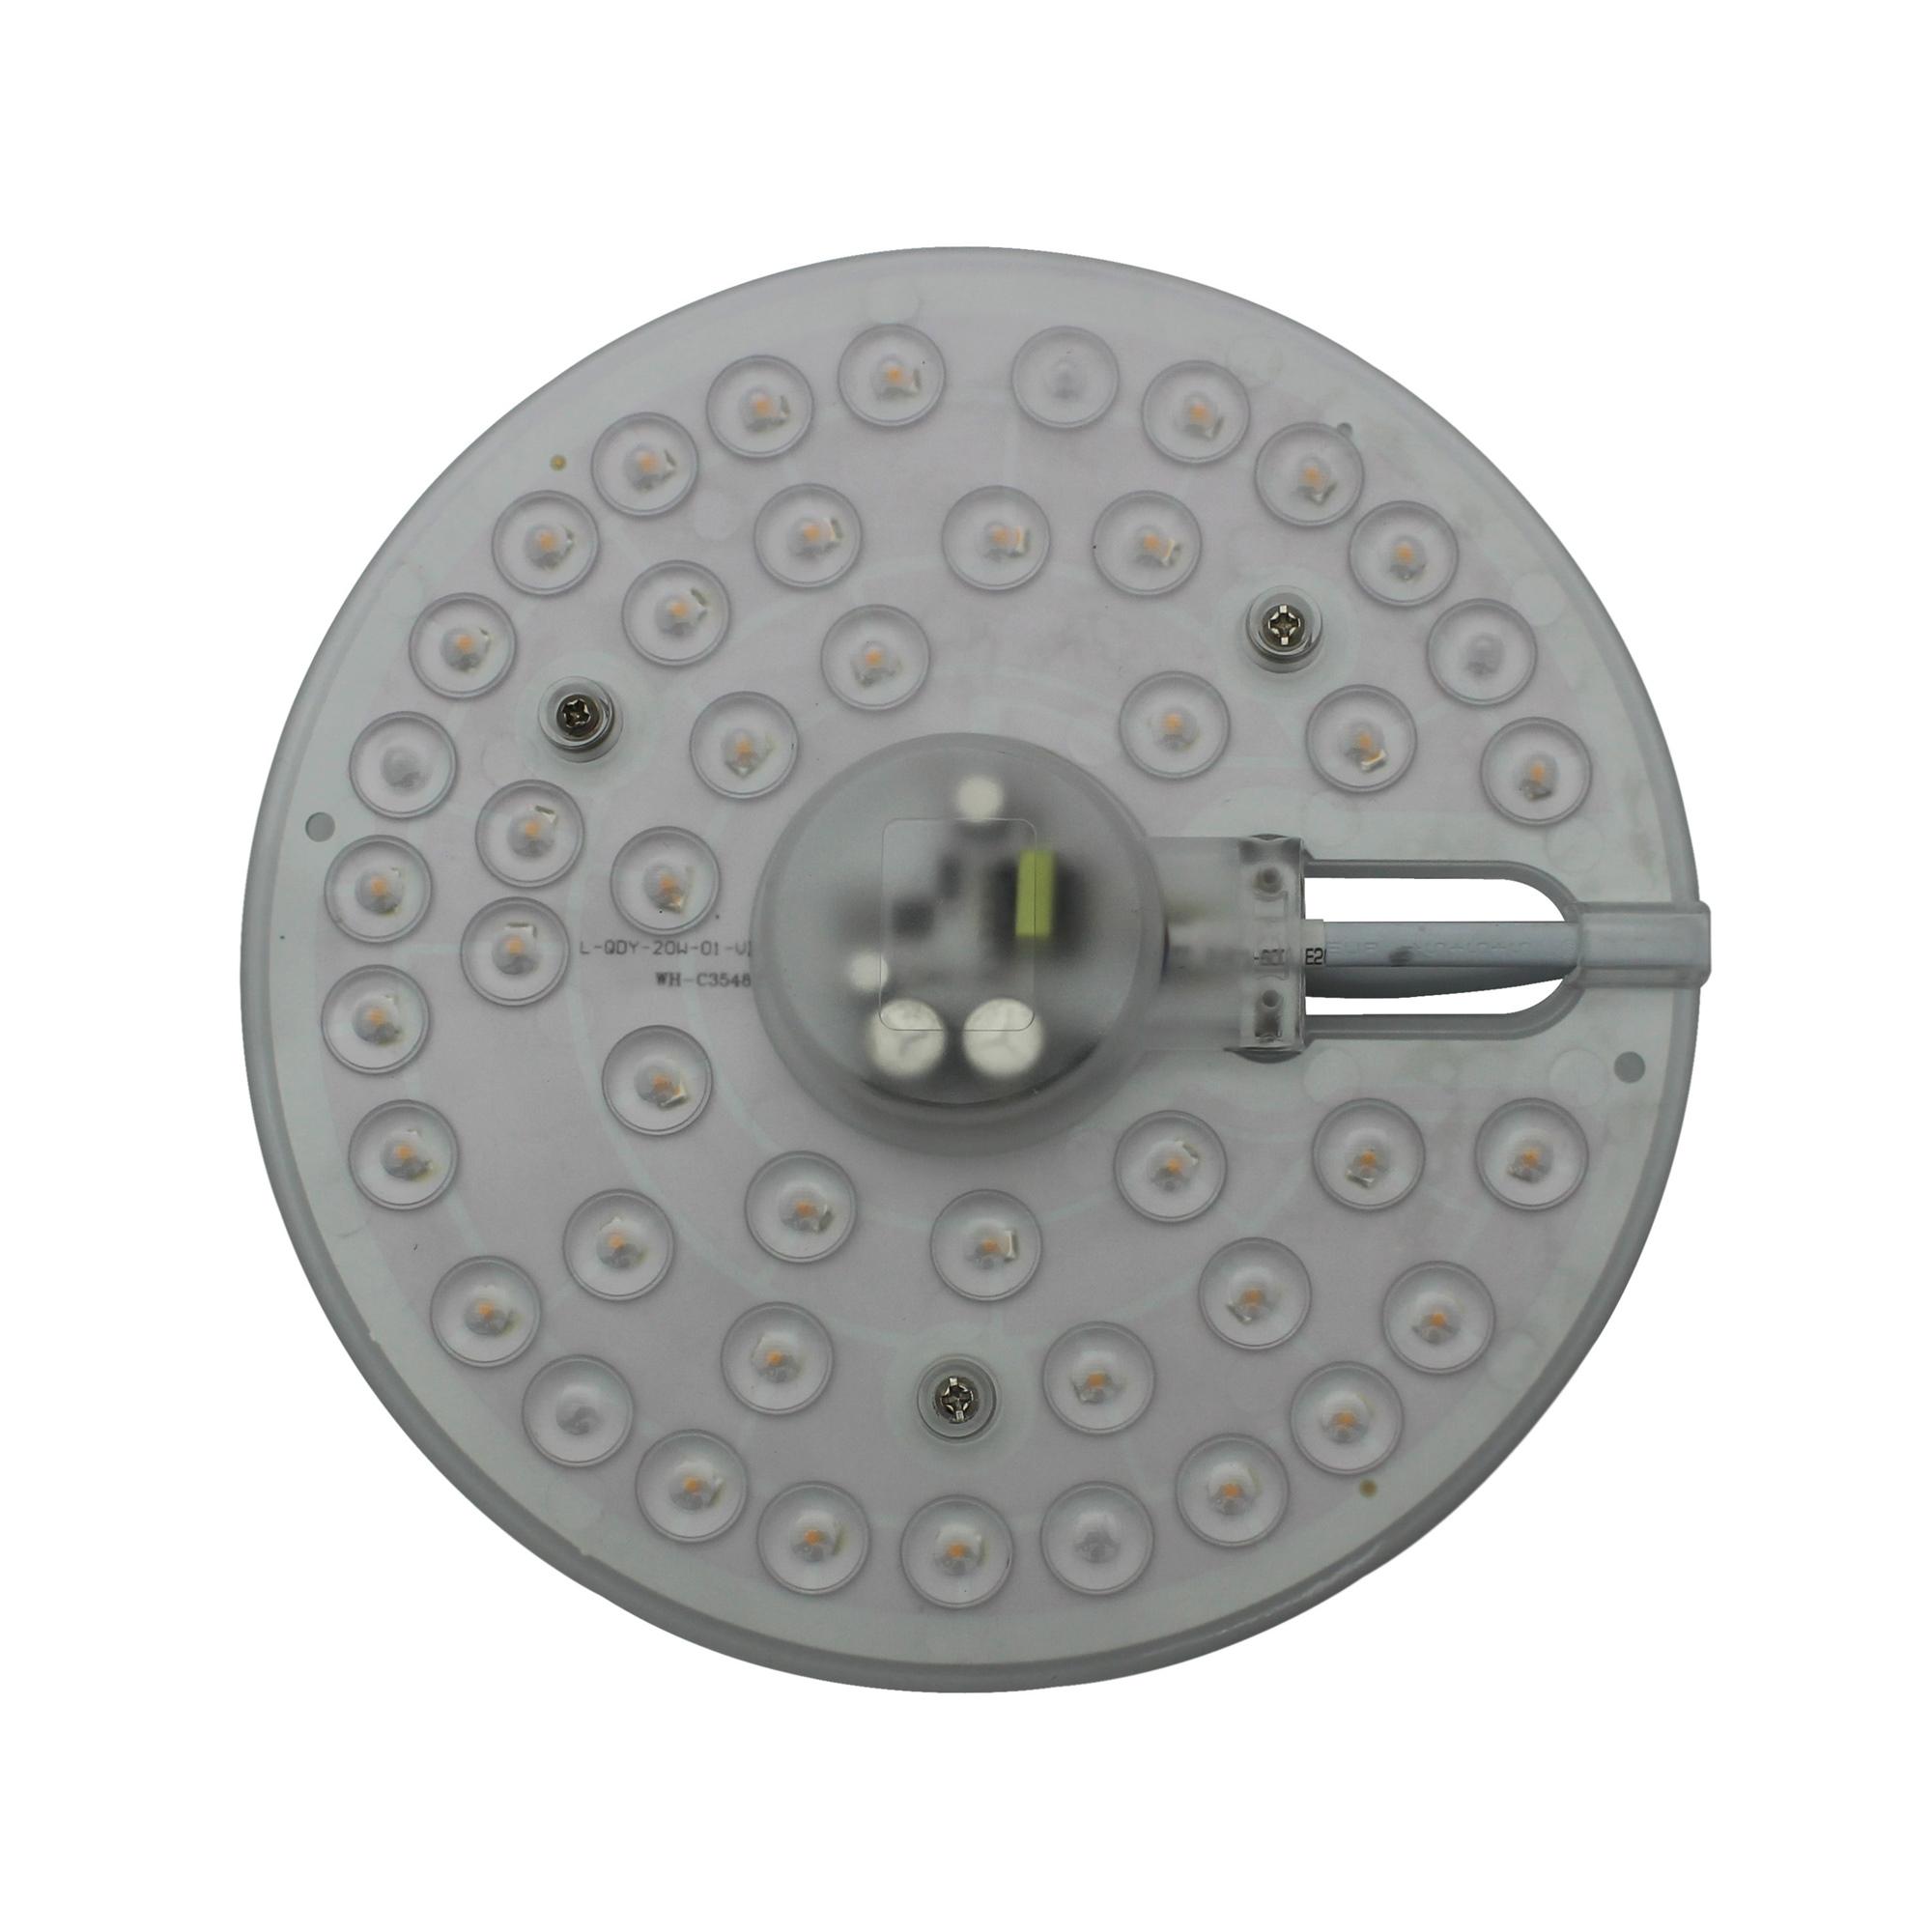 Lampenlux Plato LED Platine Rund Leuchtmittel 230 V 1440-1800 Lumen warmweiß Ø 18 cm Magnethalterung 3 cm flach